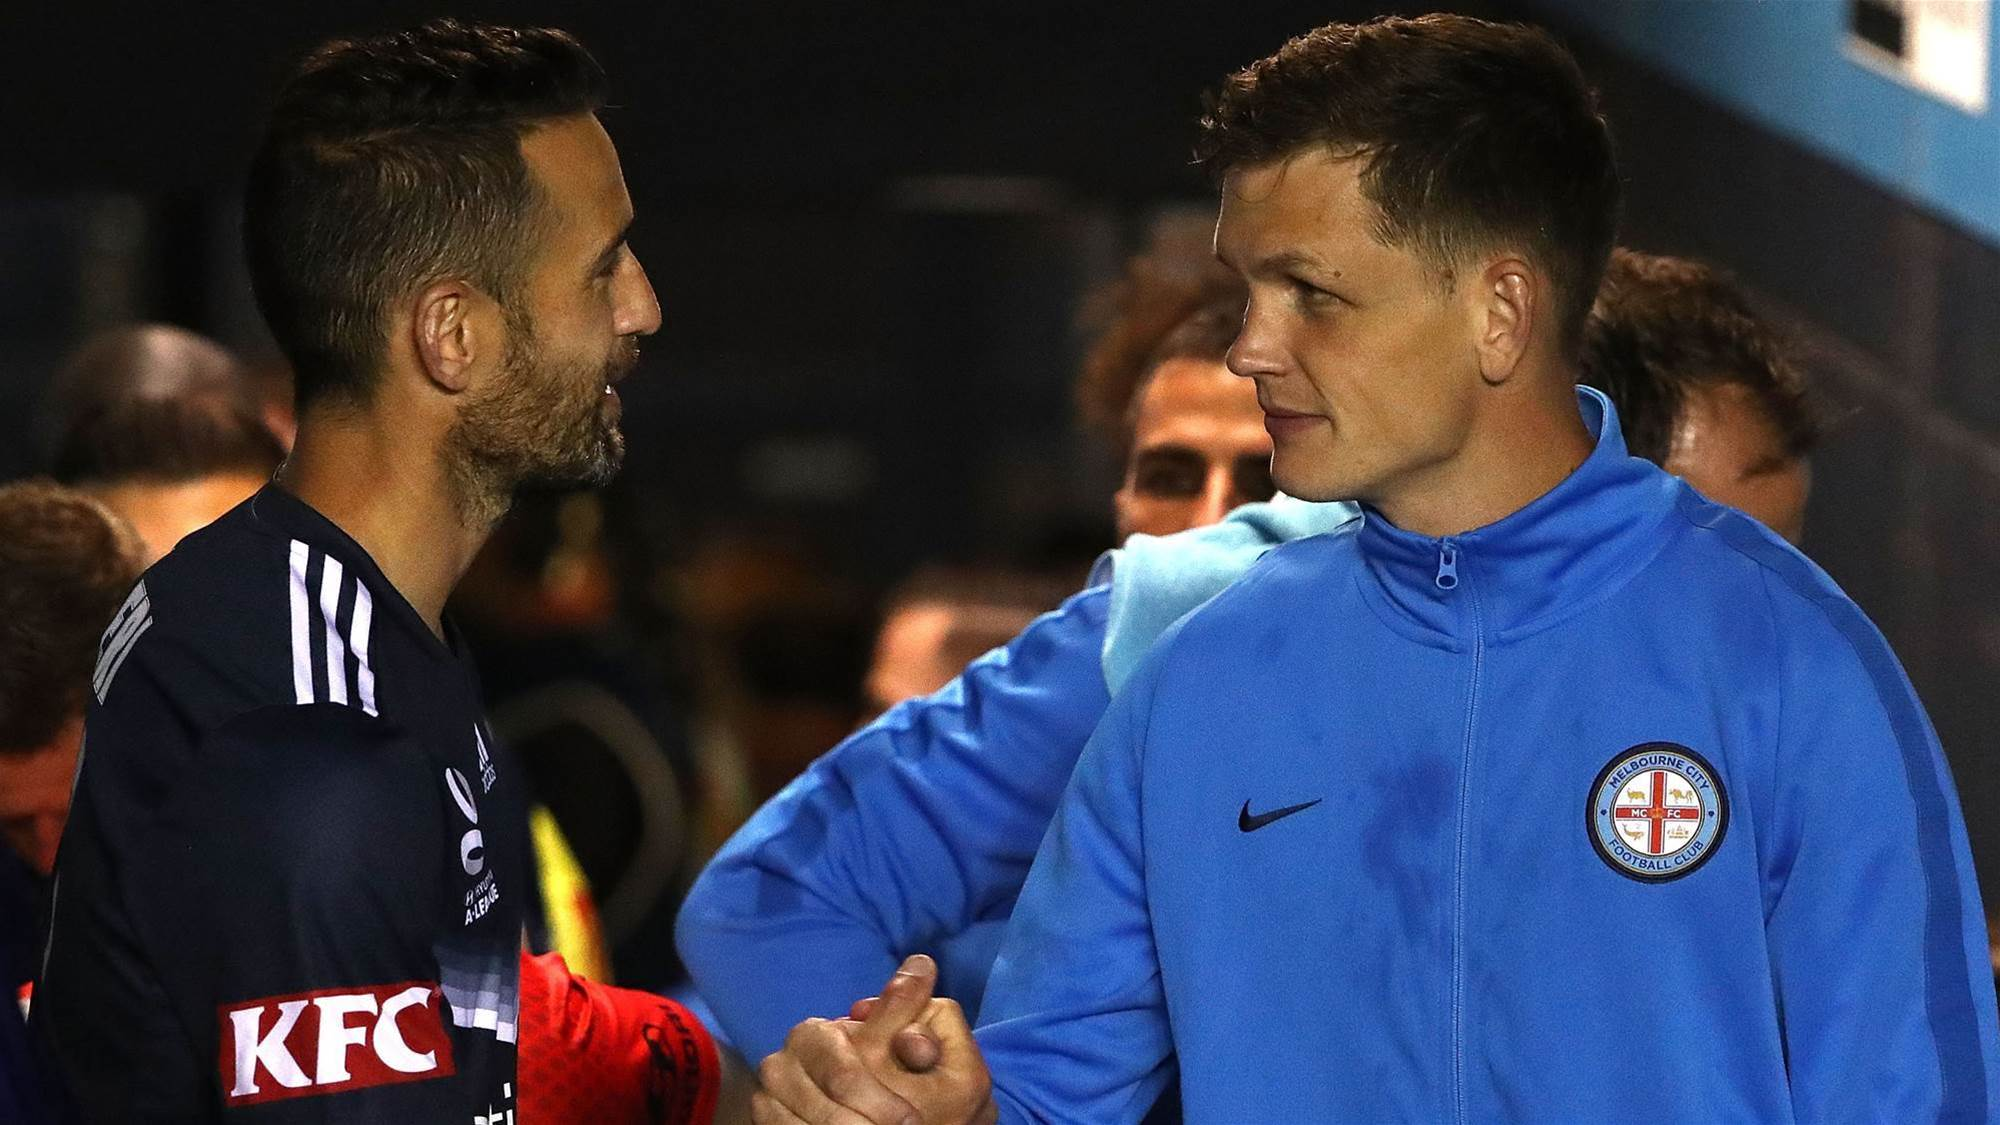 Jakobsen: Australia no match for Denmark